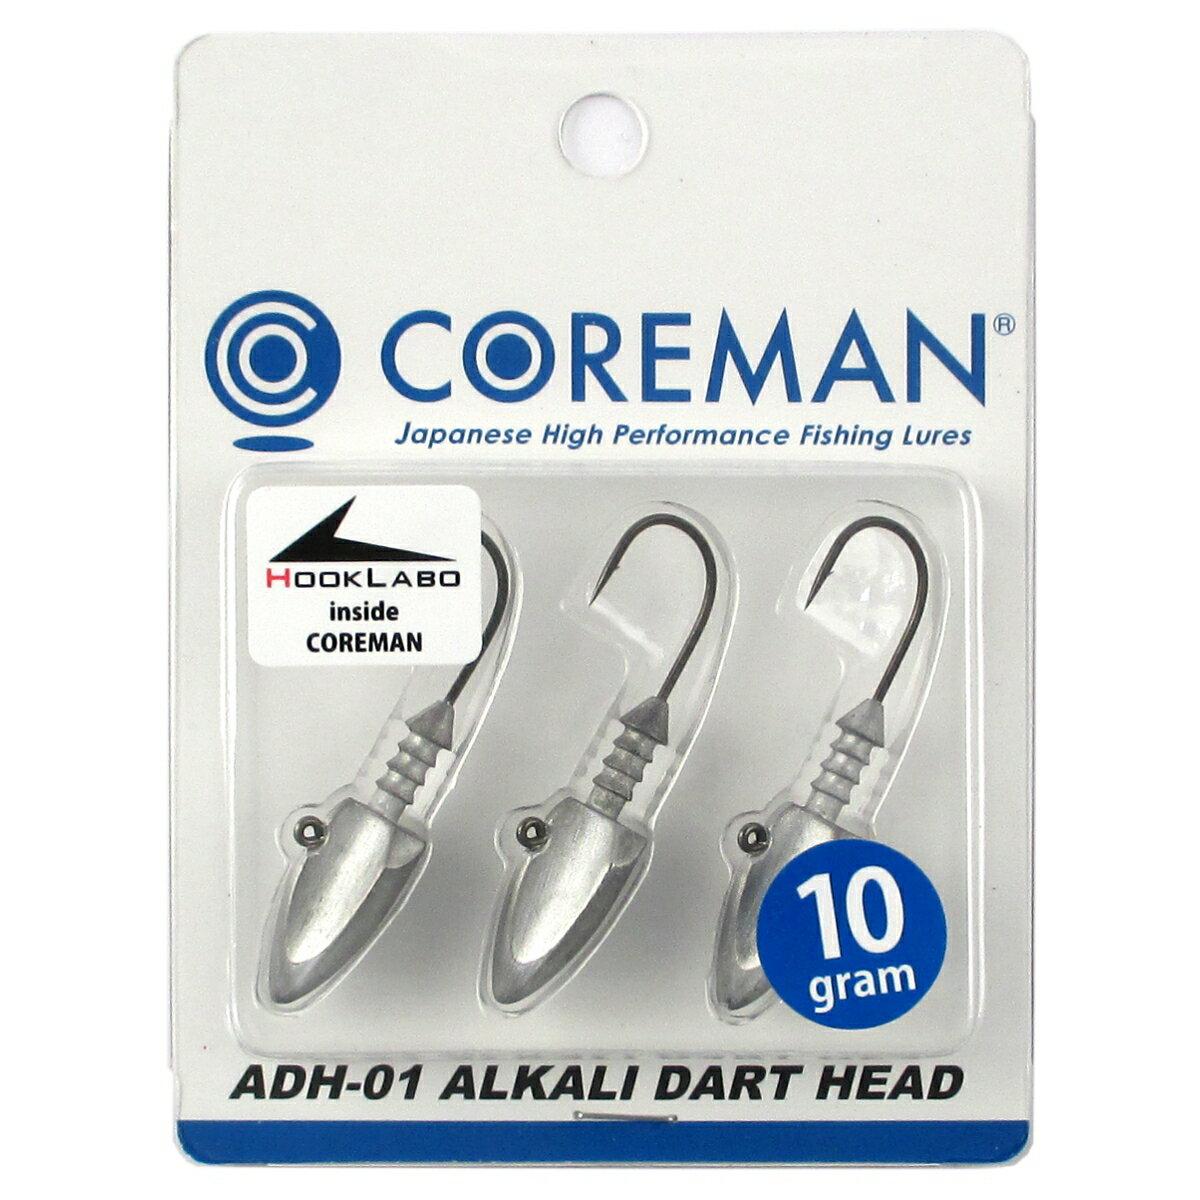 コアマン アルカリダートヘッド ADH-01 10g #001(アンペイント/無塗装)【ゆうパケット対応】